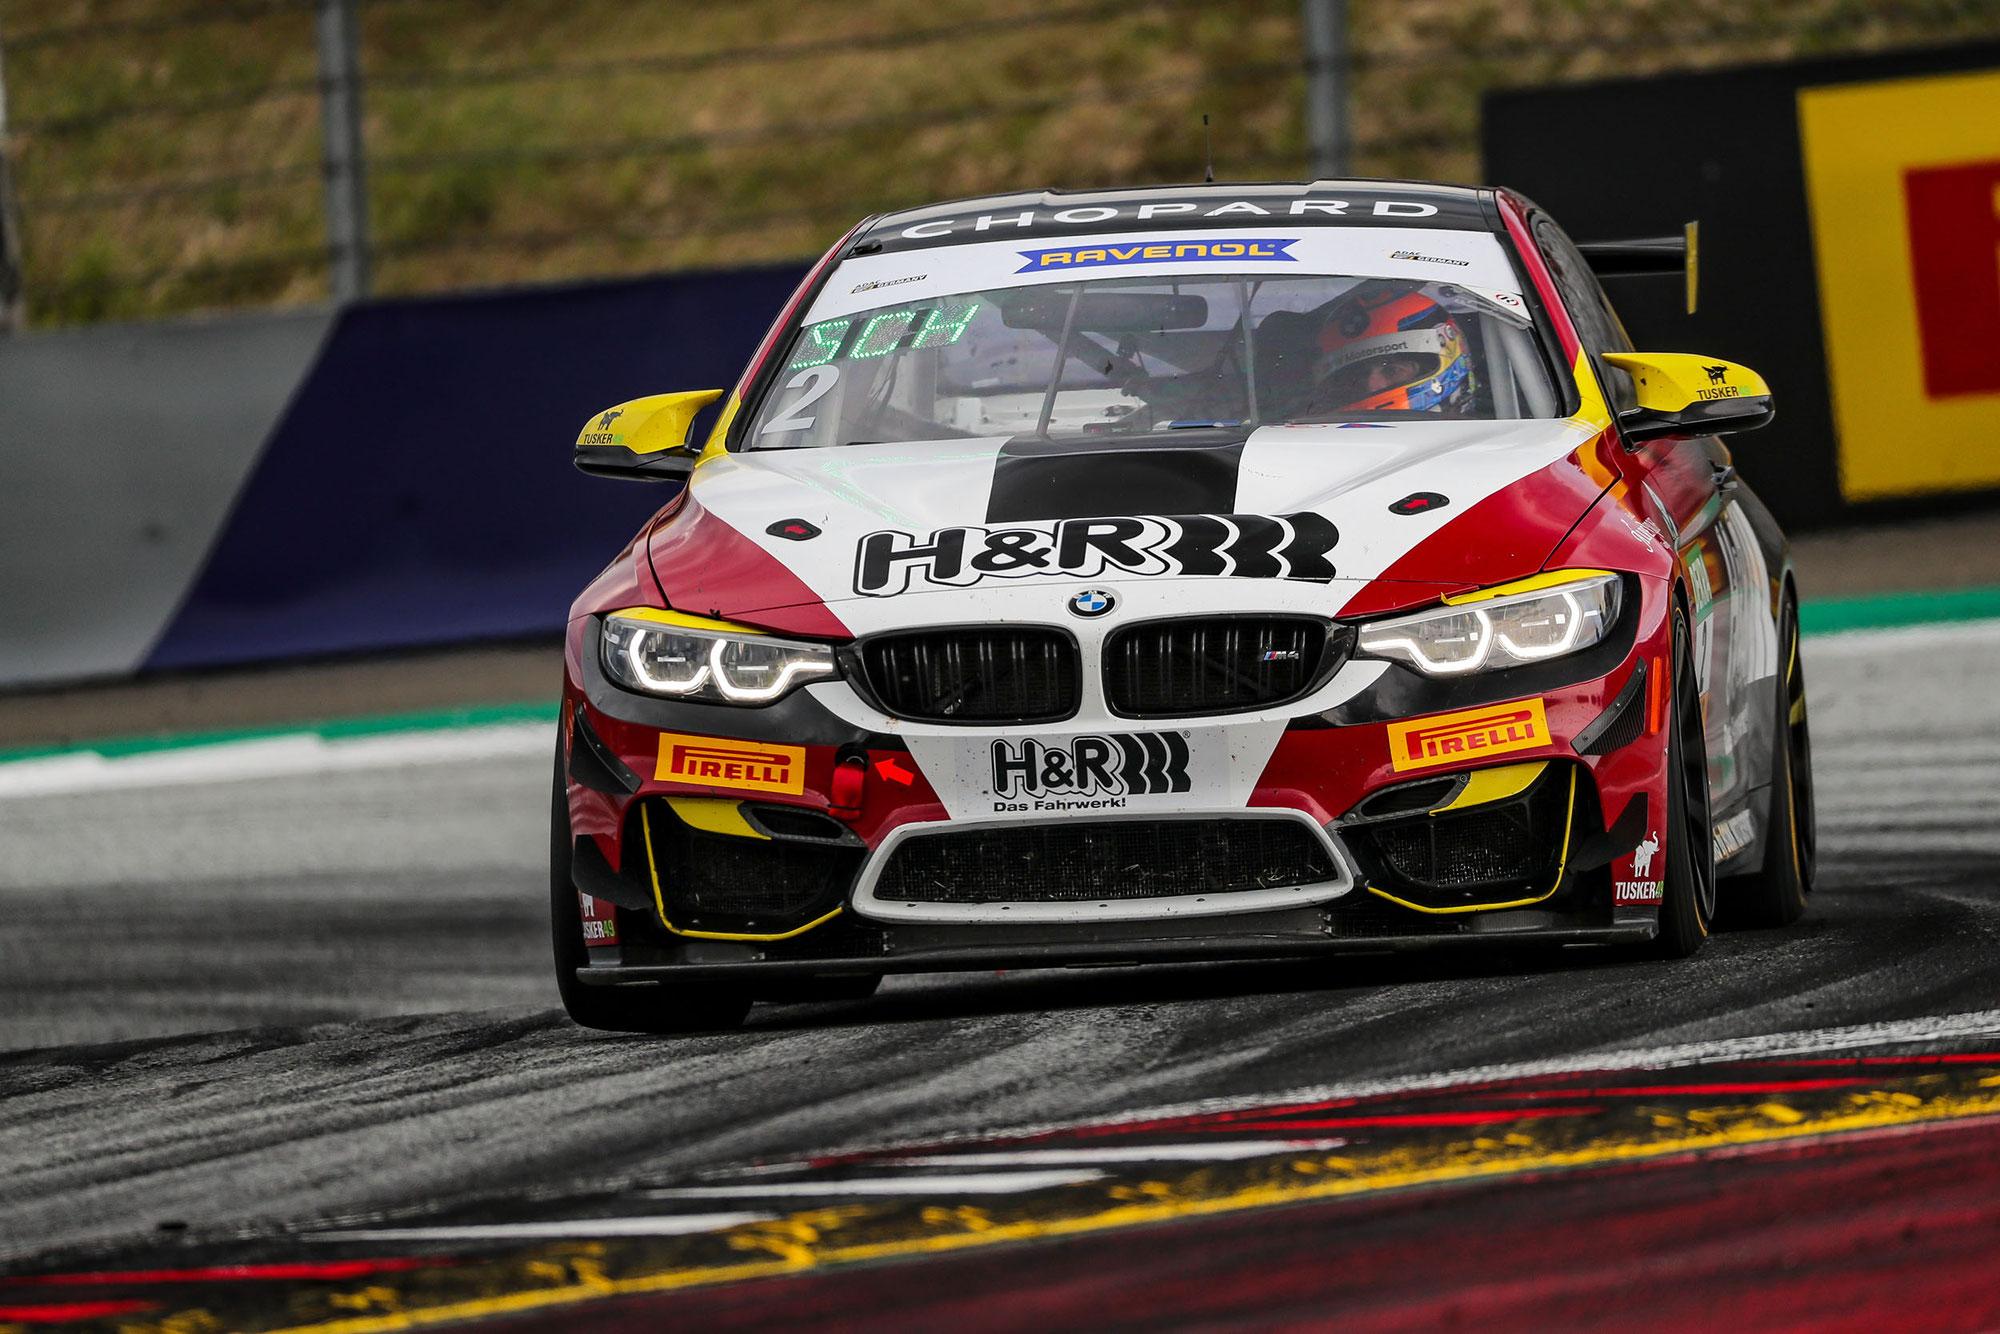 Vier Rennen, vier Siege: Michael Schrey mit eindrucksvoller Siegesserie in der ADAC GT4 Germany